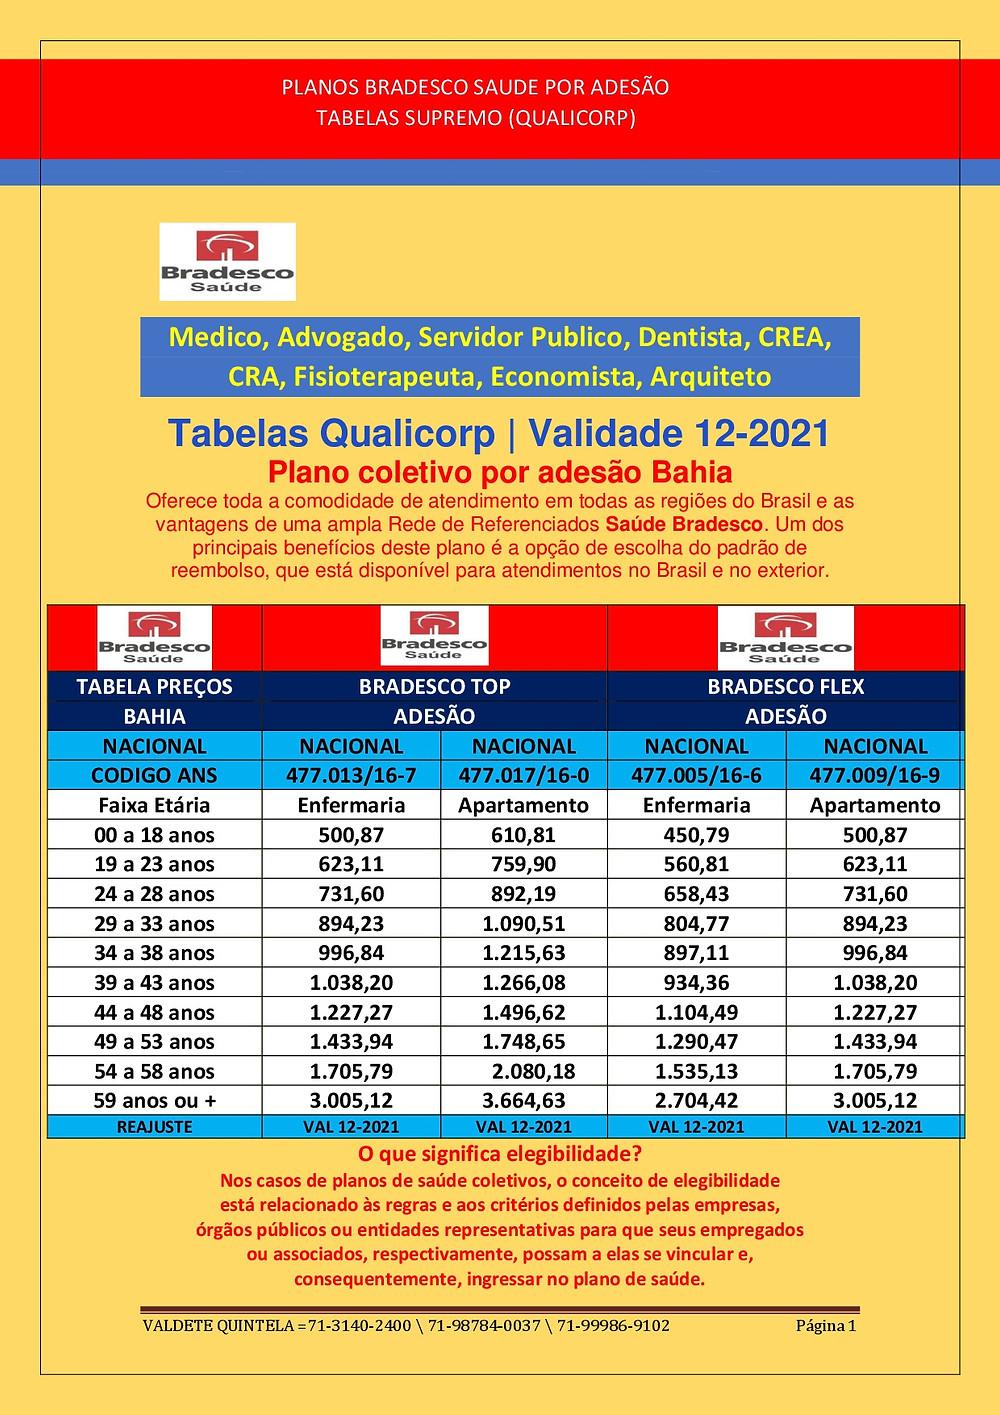 Tabelas planos de saude Salvador-Bahia, Corretora Vendas de Planos de Saude, Plano de Saude